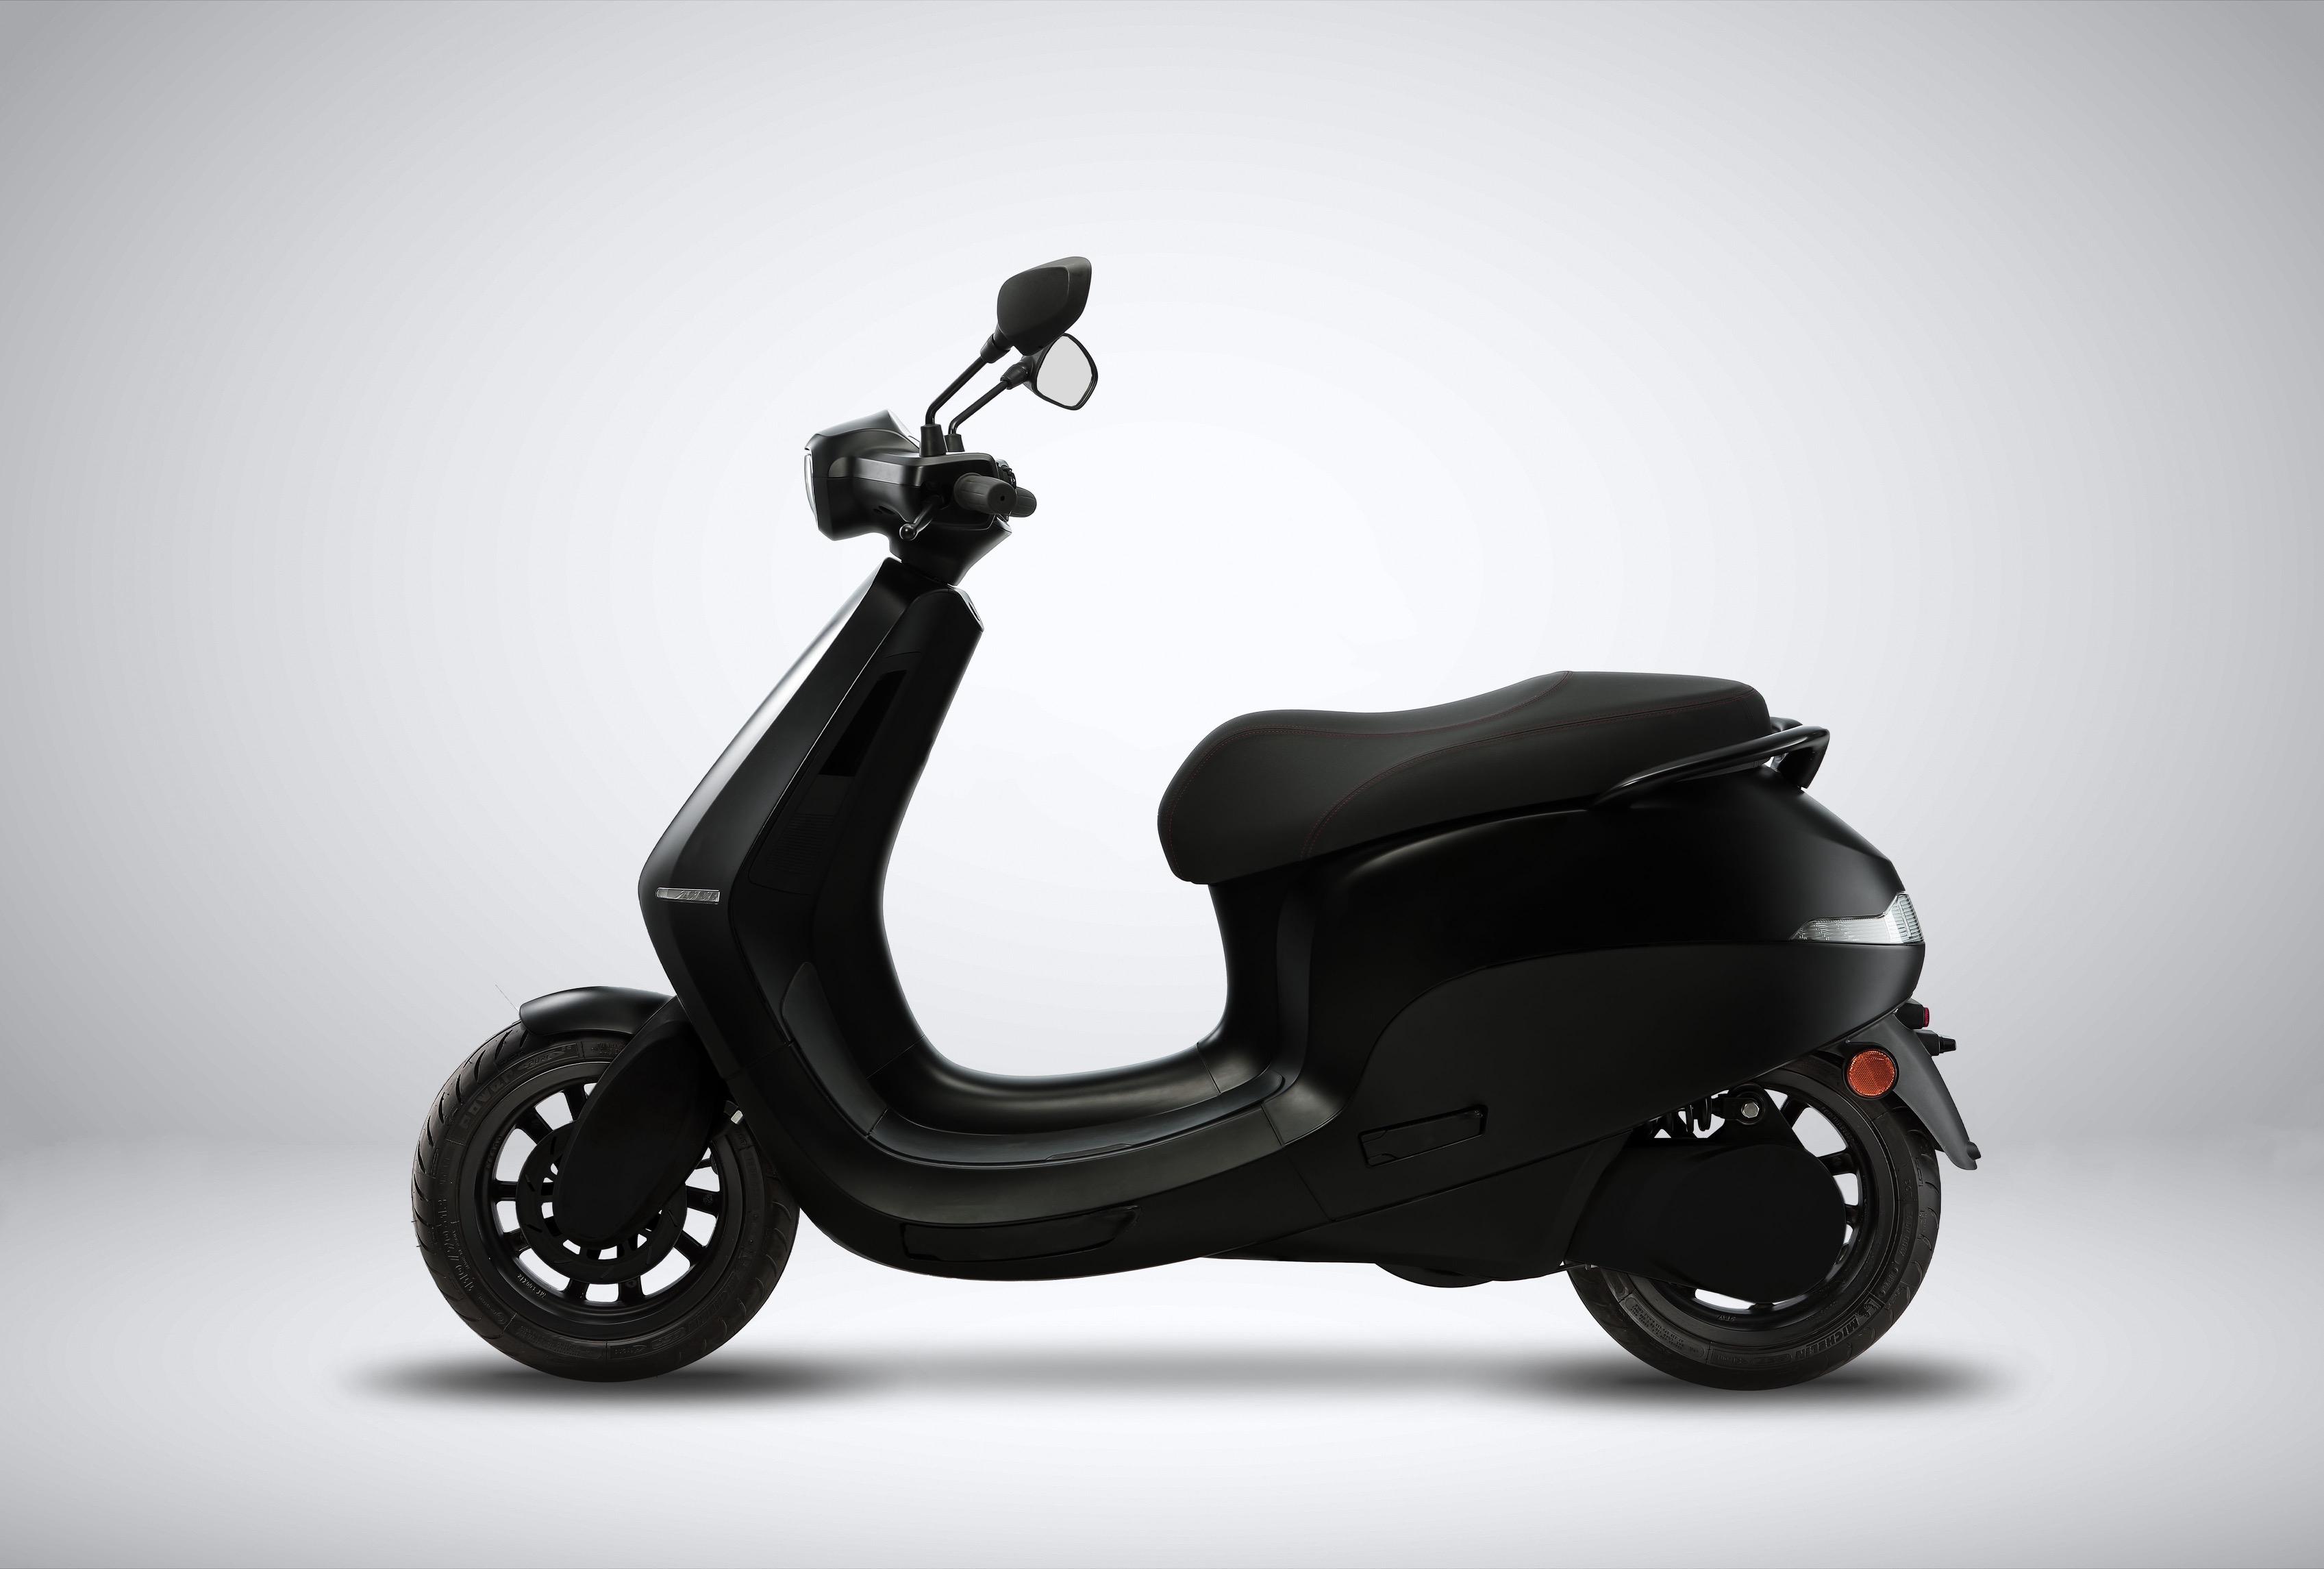 Ola e-scooter Image 1